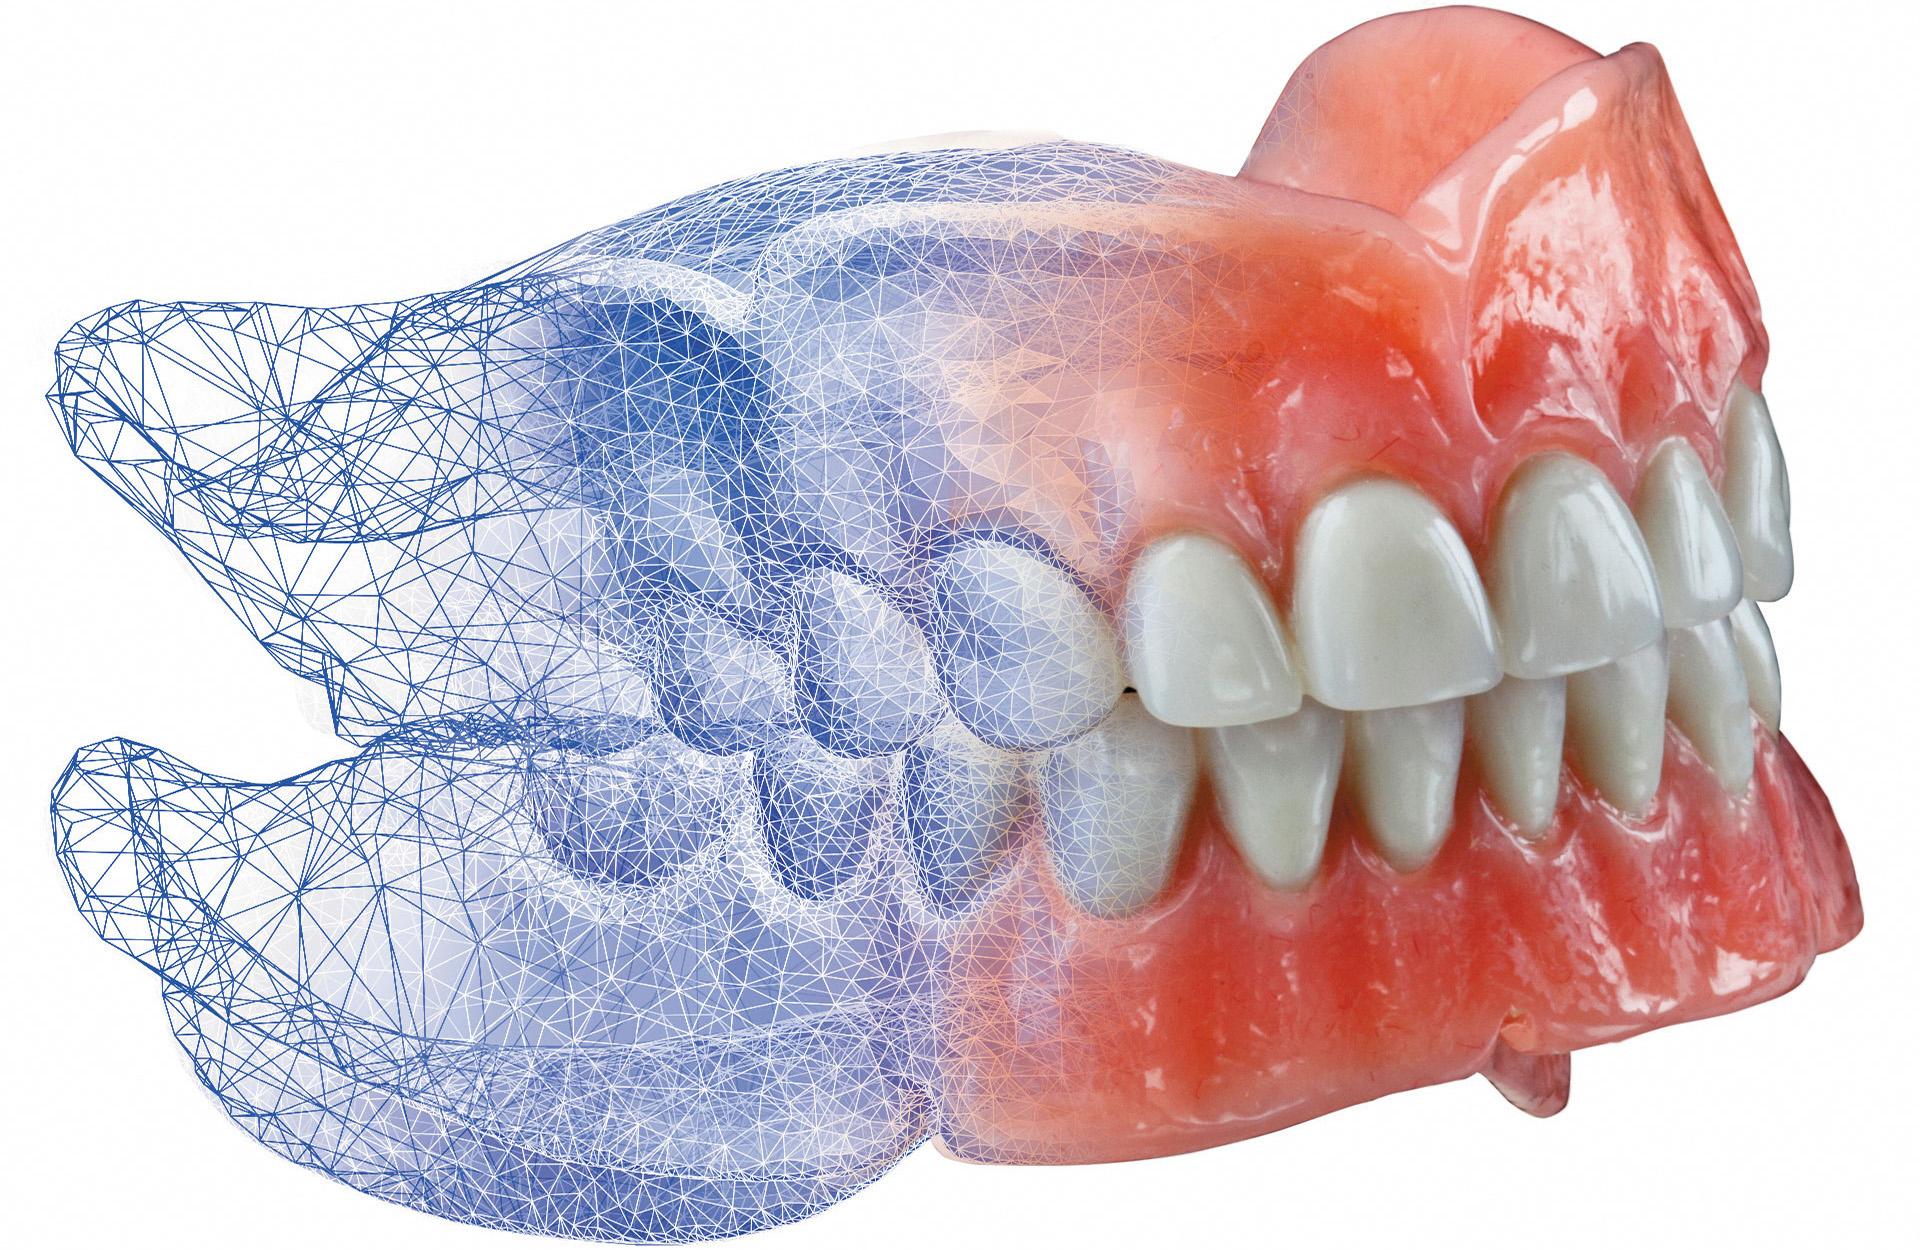 Технология CAD/CAM или компьютерное протезирование: новый виток в истории стоматологии